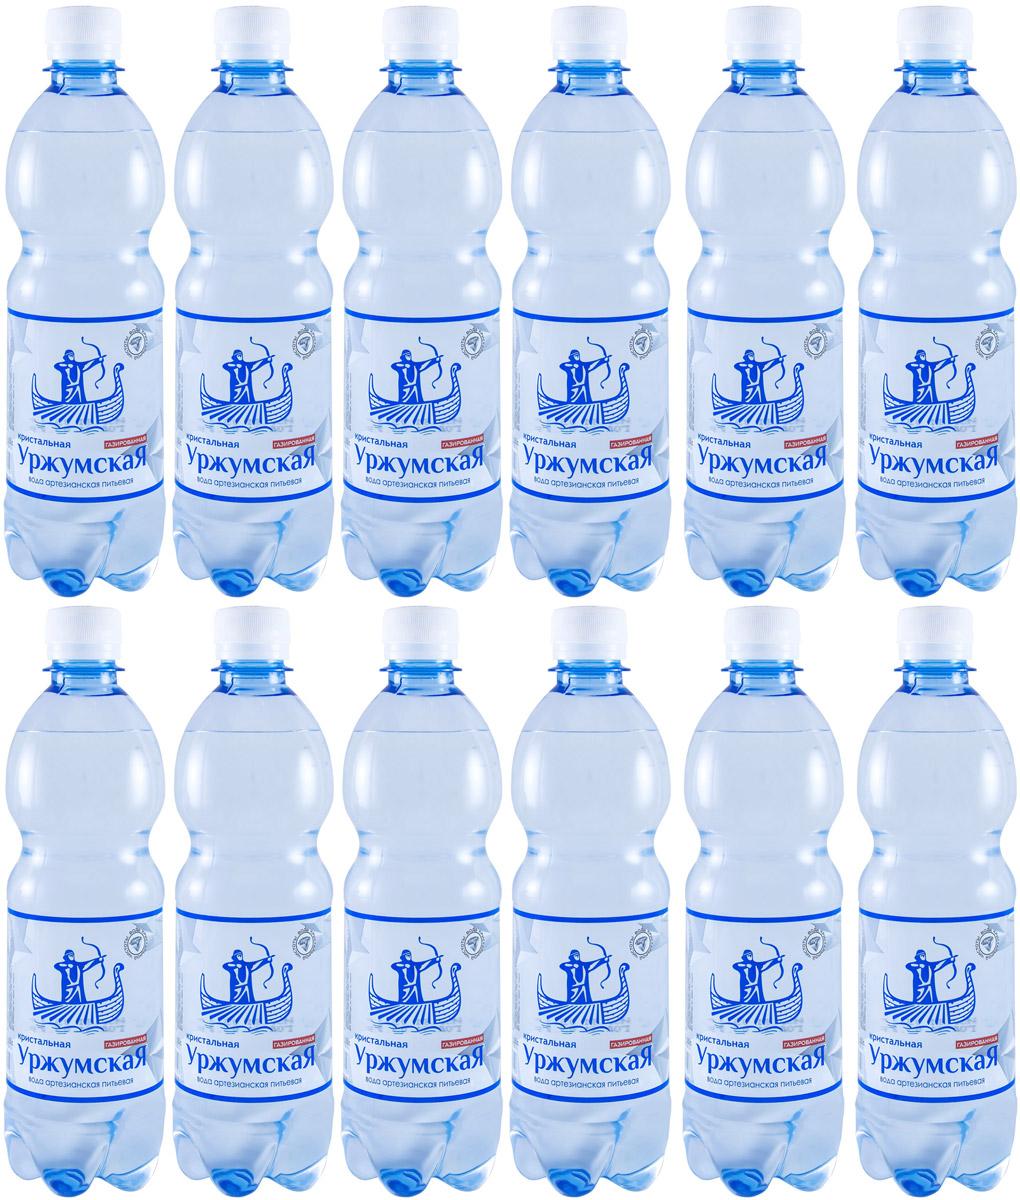 Уржумская Кристальная вода питьевая газированная, 12 шт по 0,5 л4607034170127Добывается из артезианской скважины, проходит 3 этапа обработки, сохраняя в себе все полезные микроэлементы.